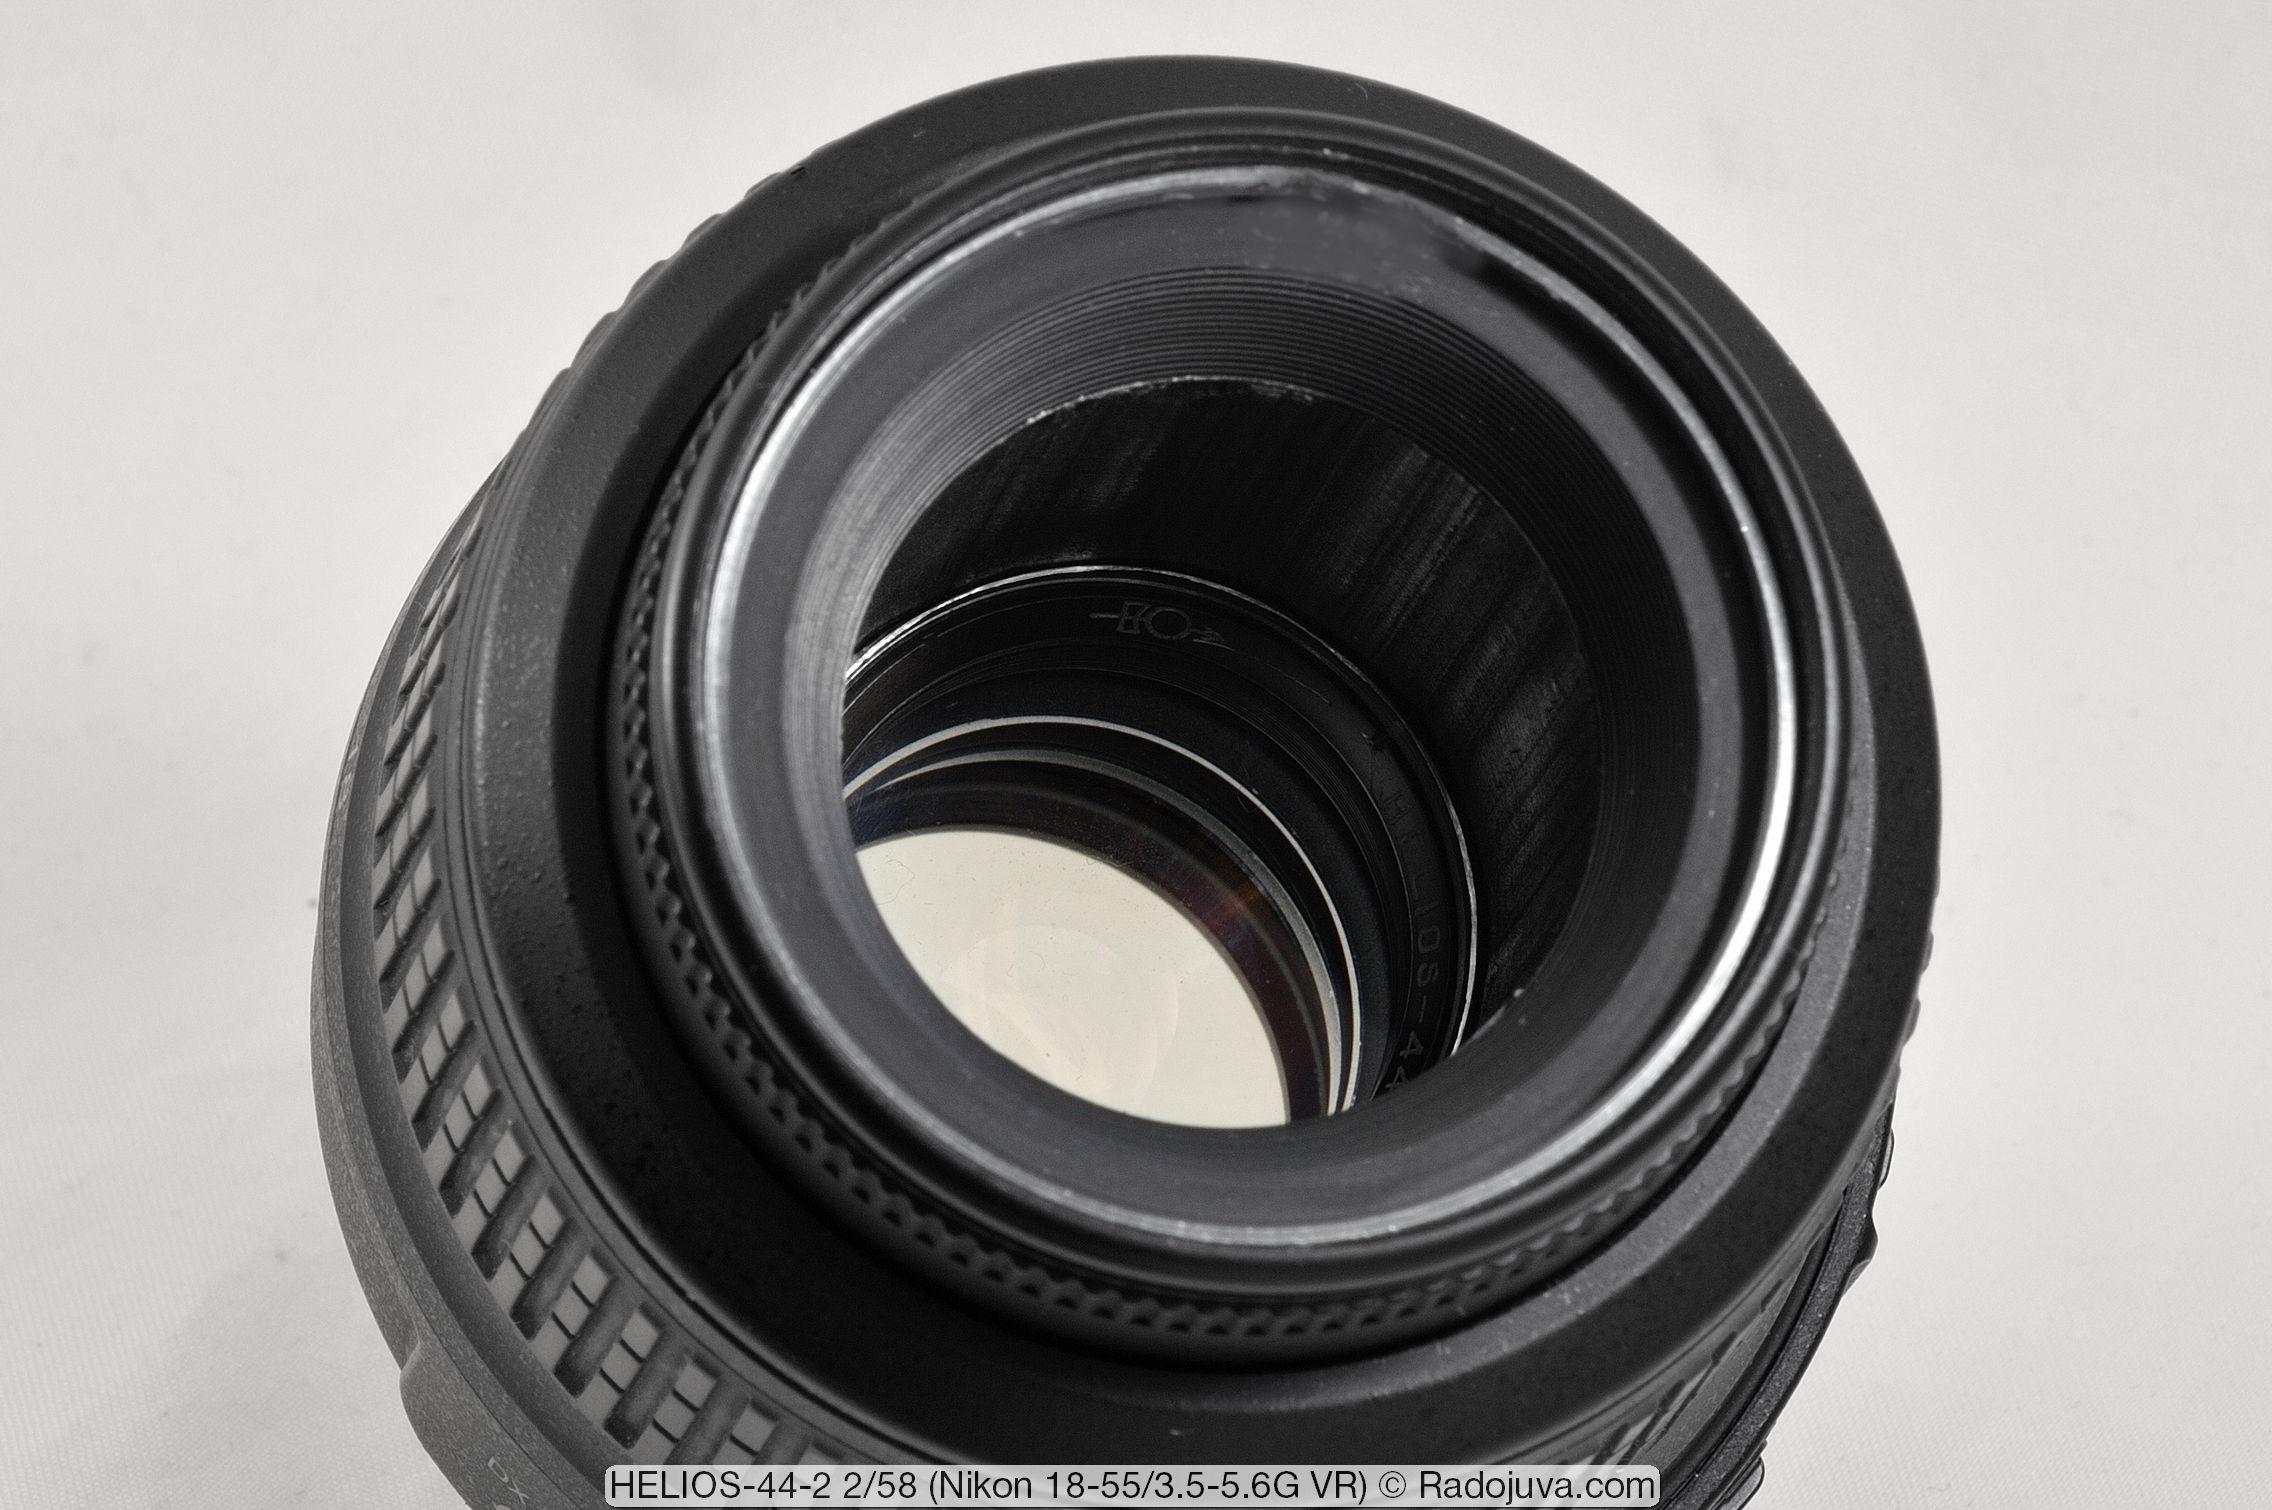 HELIOS-44-2 F2 58mm с ультразвуковым мотором и стабилизатором изображения